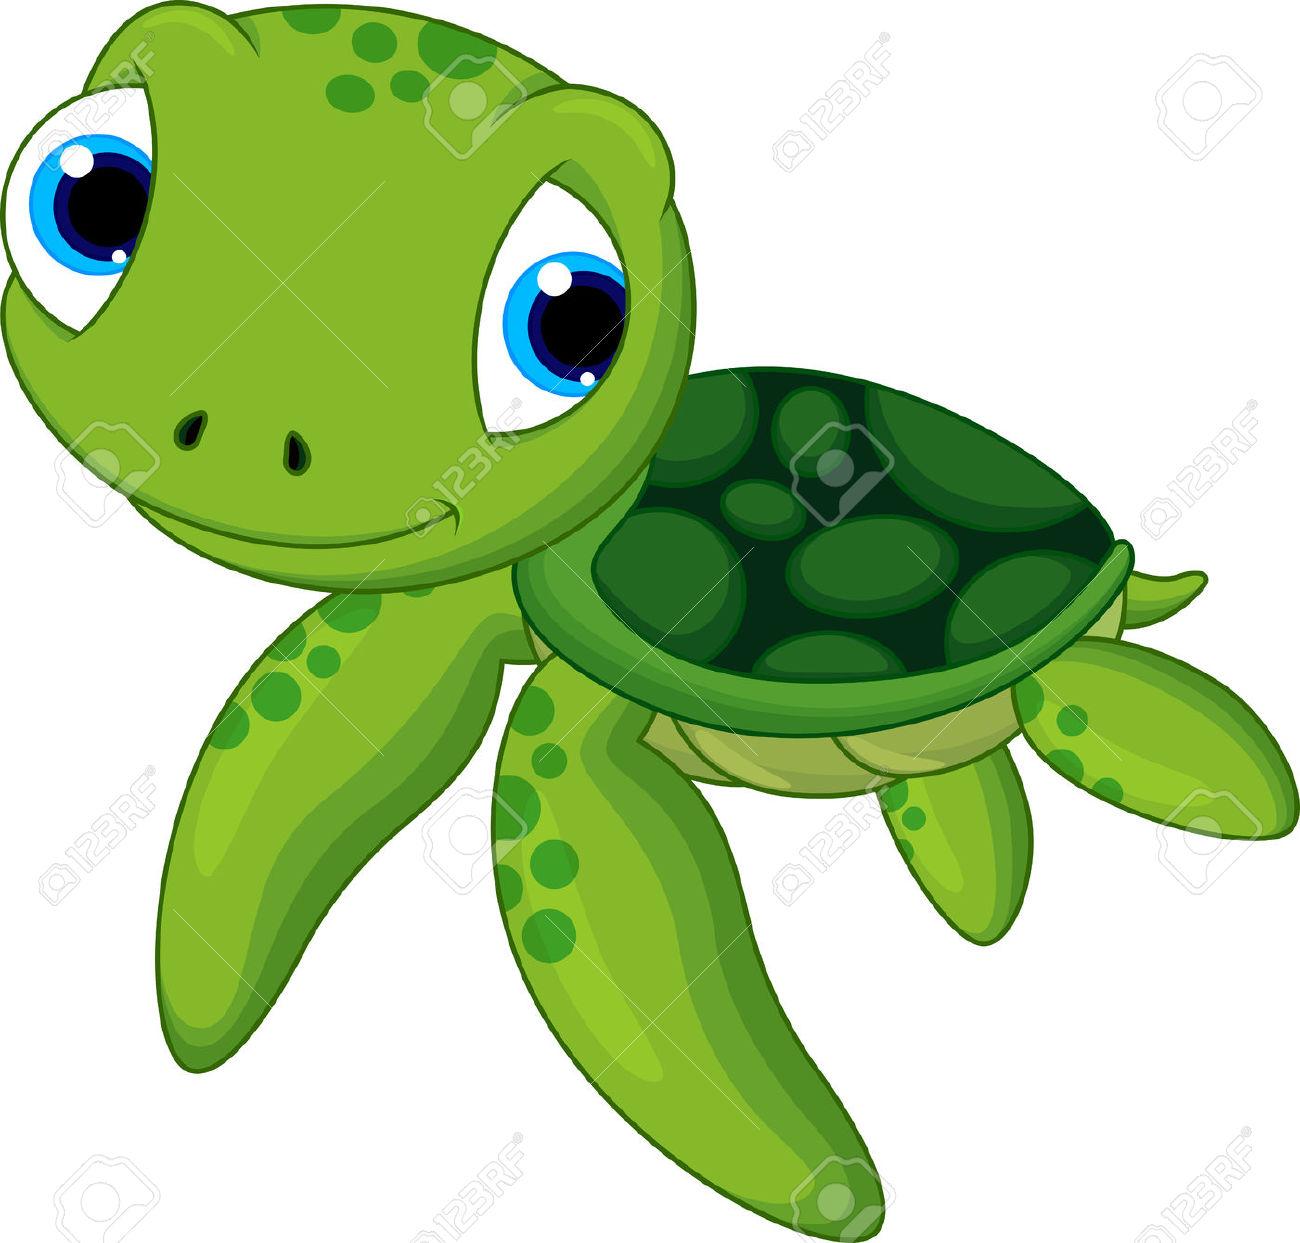 sea turtle: baby sea turtle cartoon-sea turtle: baby sea turtle cartoon-15